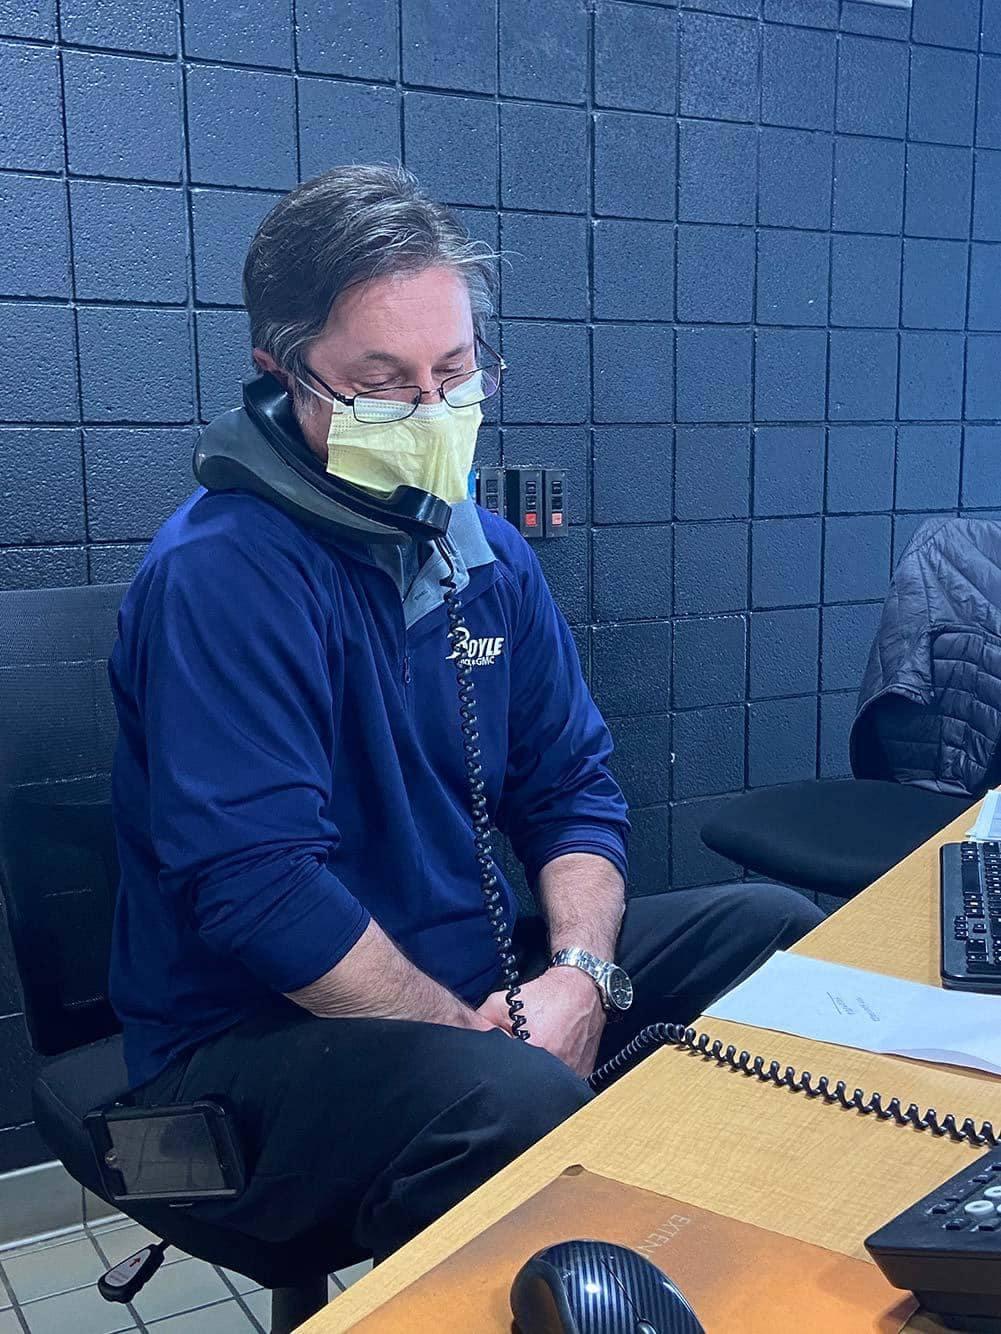 Dealership employee wearing mask